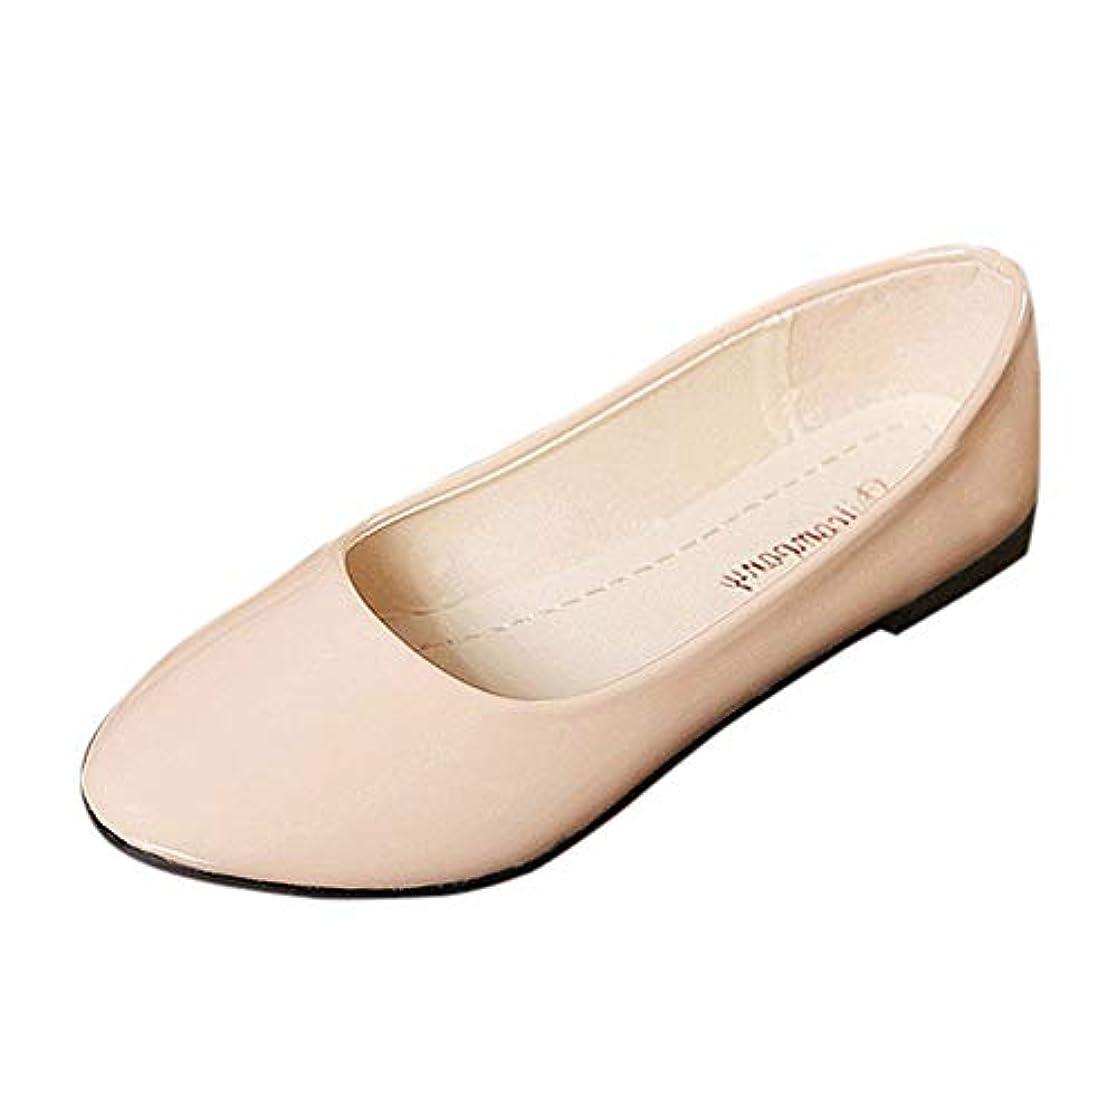 サーカスリー従うレディース サンダルTongdaxinxi 女性 フラットシューズサンダル カジュアル カラフルな靴のサイズをスリップ フラット スウェード カジュアル 靴 婦人靴 柔らかい 歩きやすい フェミニン レディース